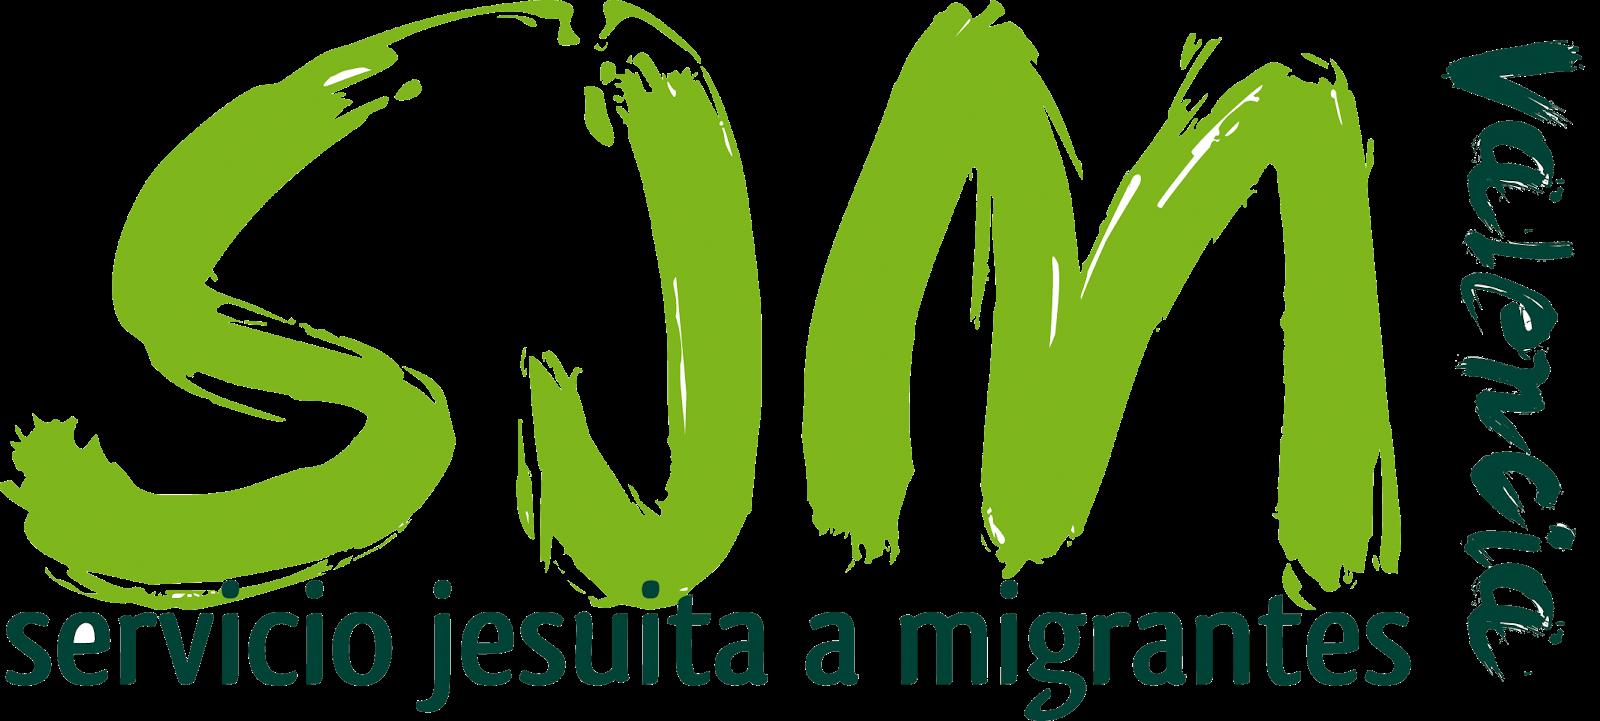 NUEVO CONVENIO CON EL SERVICIO JESUITA A MIGRANTES